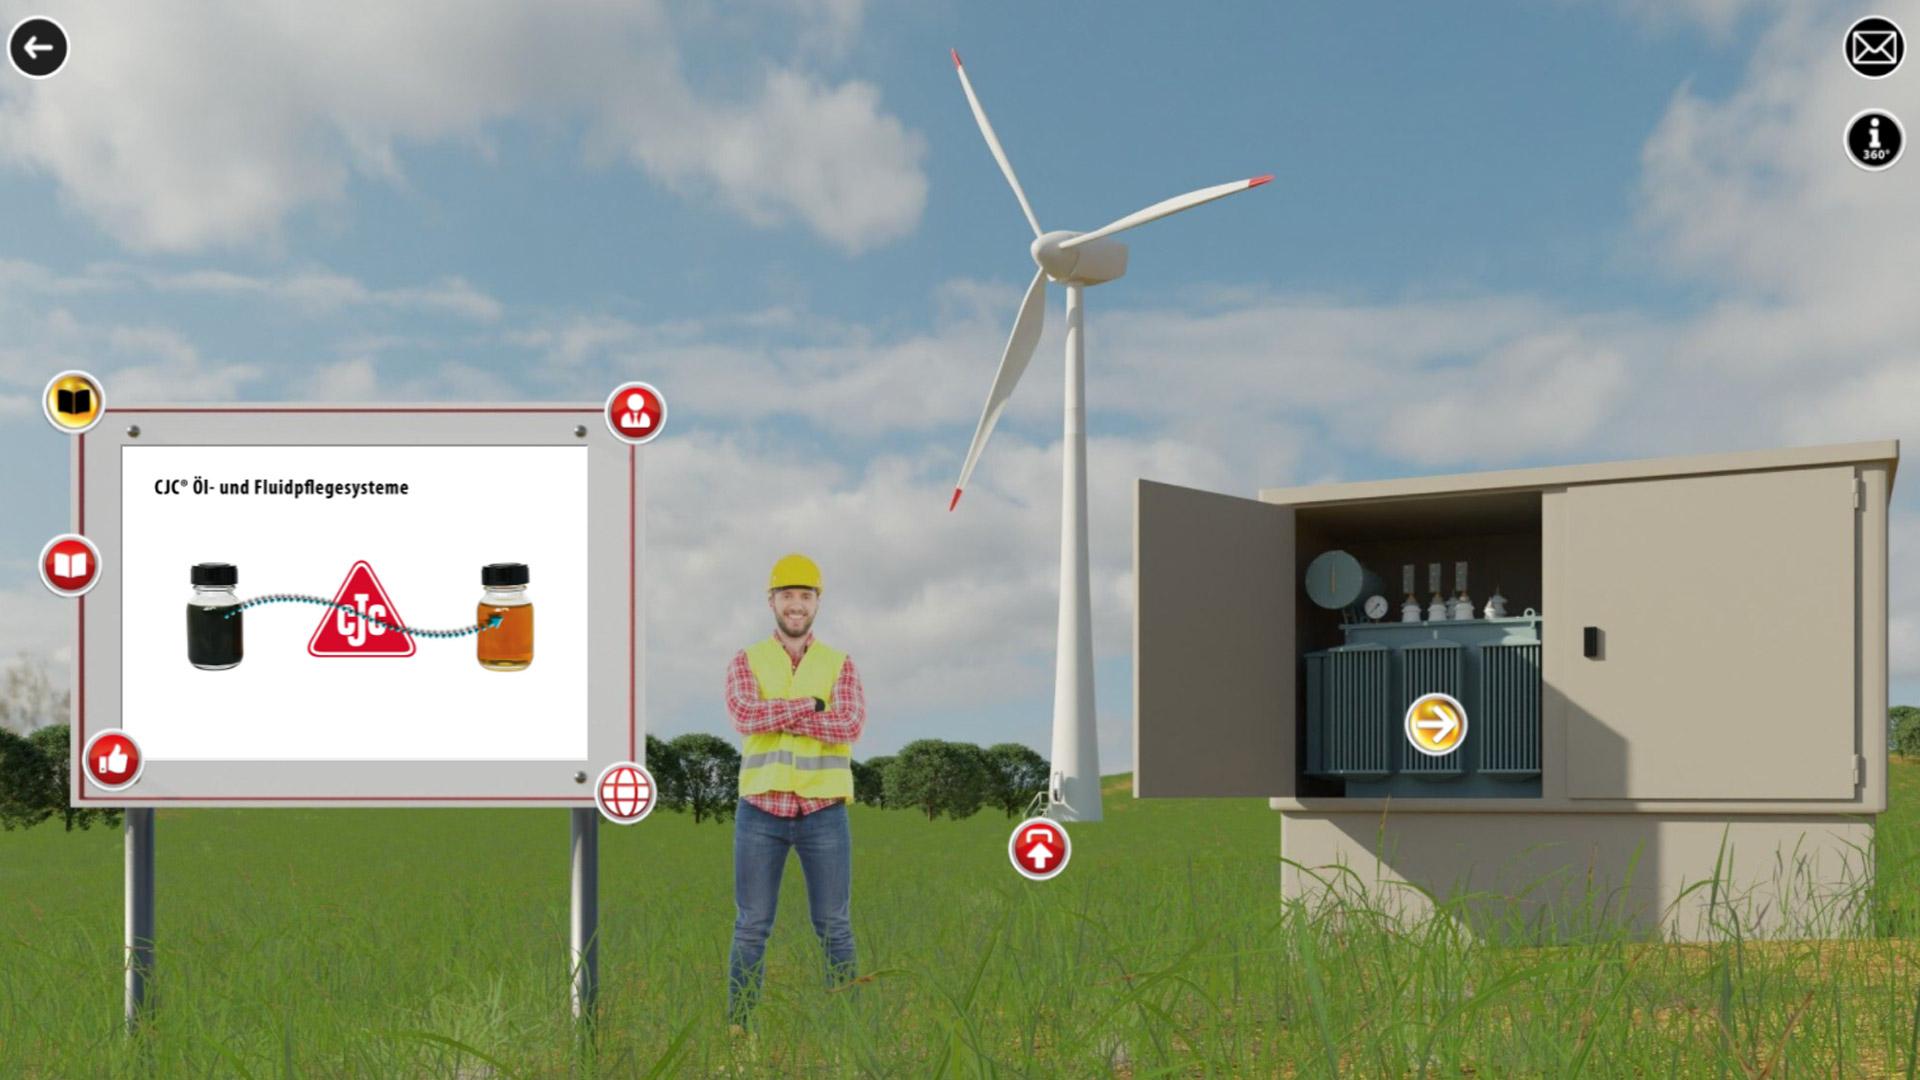 showroom, cjc, ölpflege in windenergieanlagen